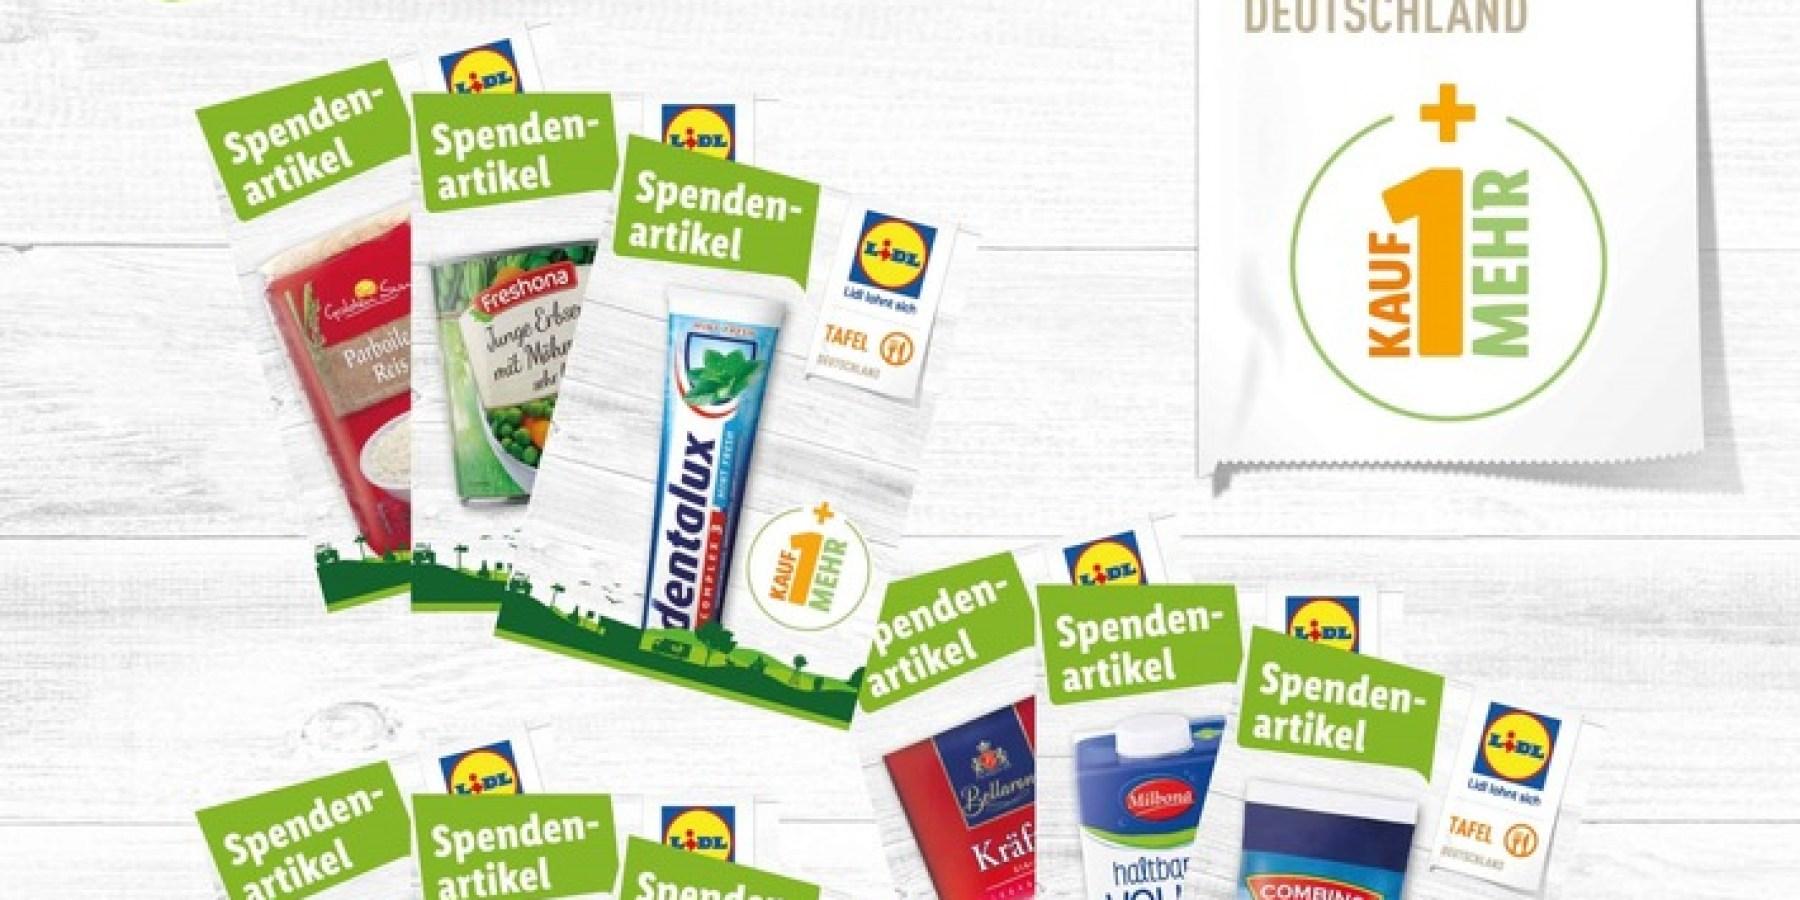 Mit Spendenkarten unkompliziert verschiedene Lebensmittelprodukte digital an der Kasse spenden